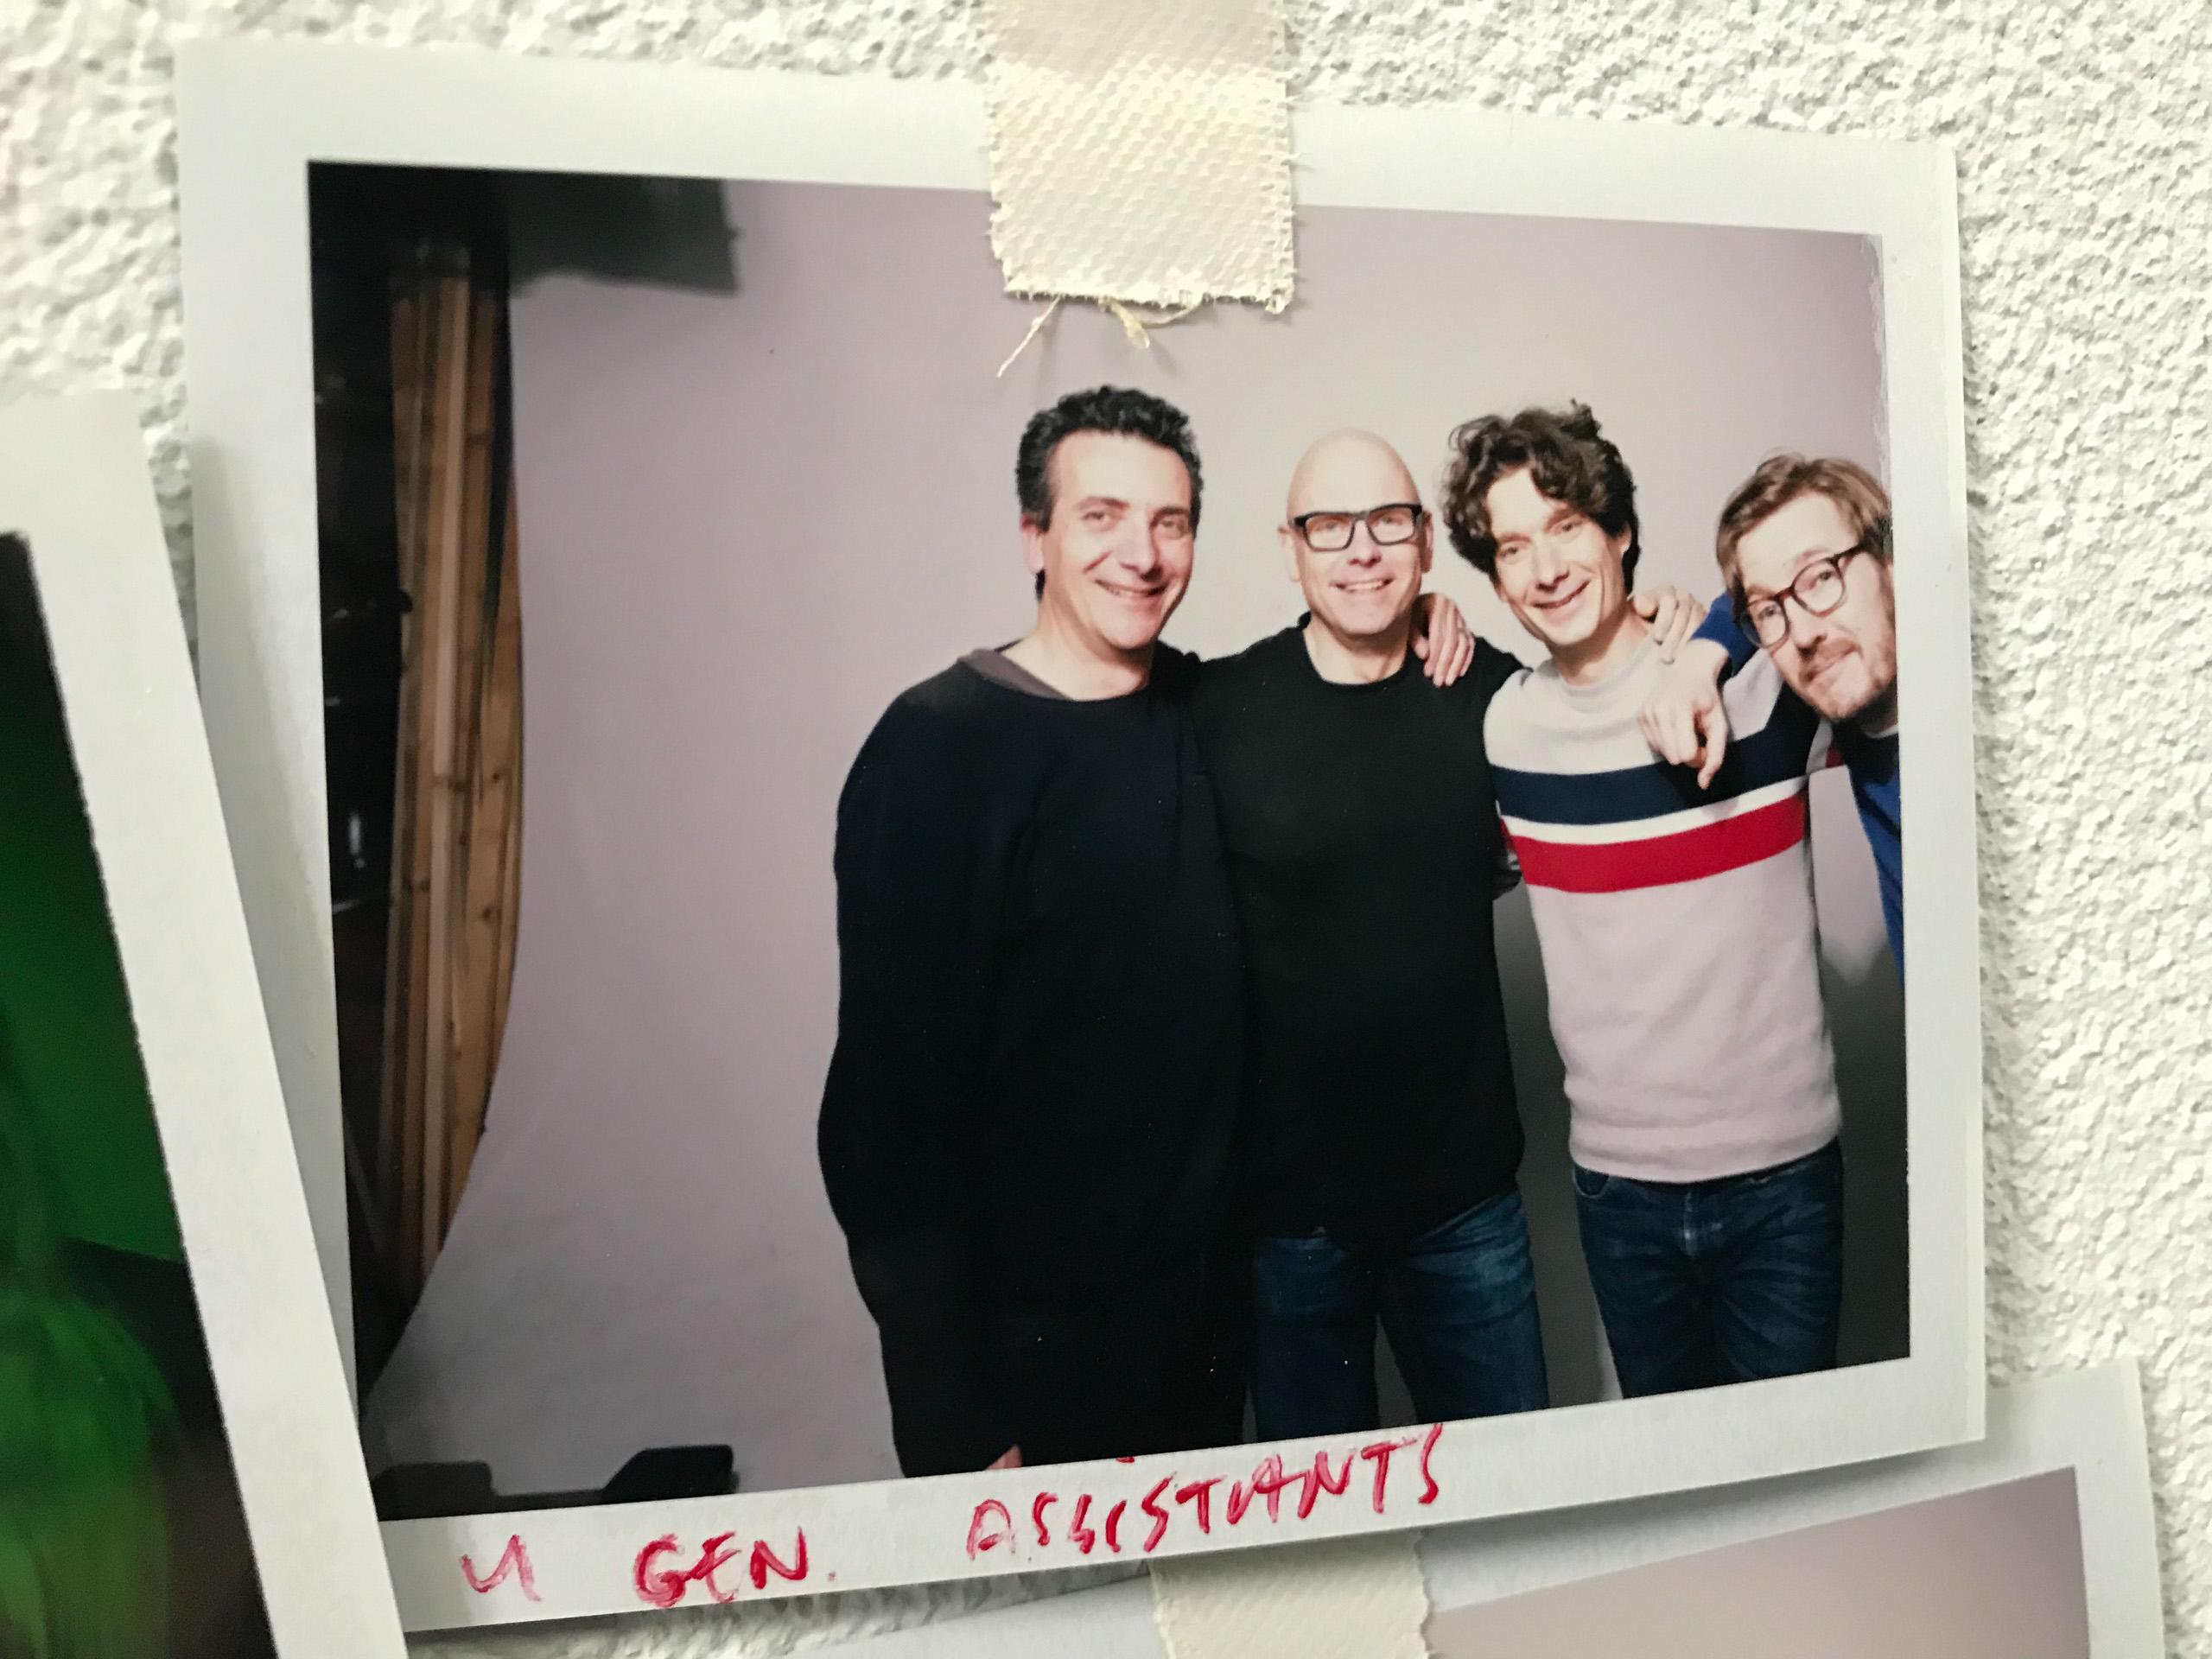 Food stylist fotografie van Olivier met de drie assistenten gemaakt door Studio_m Fotograaf Amsterdam